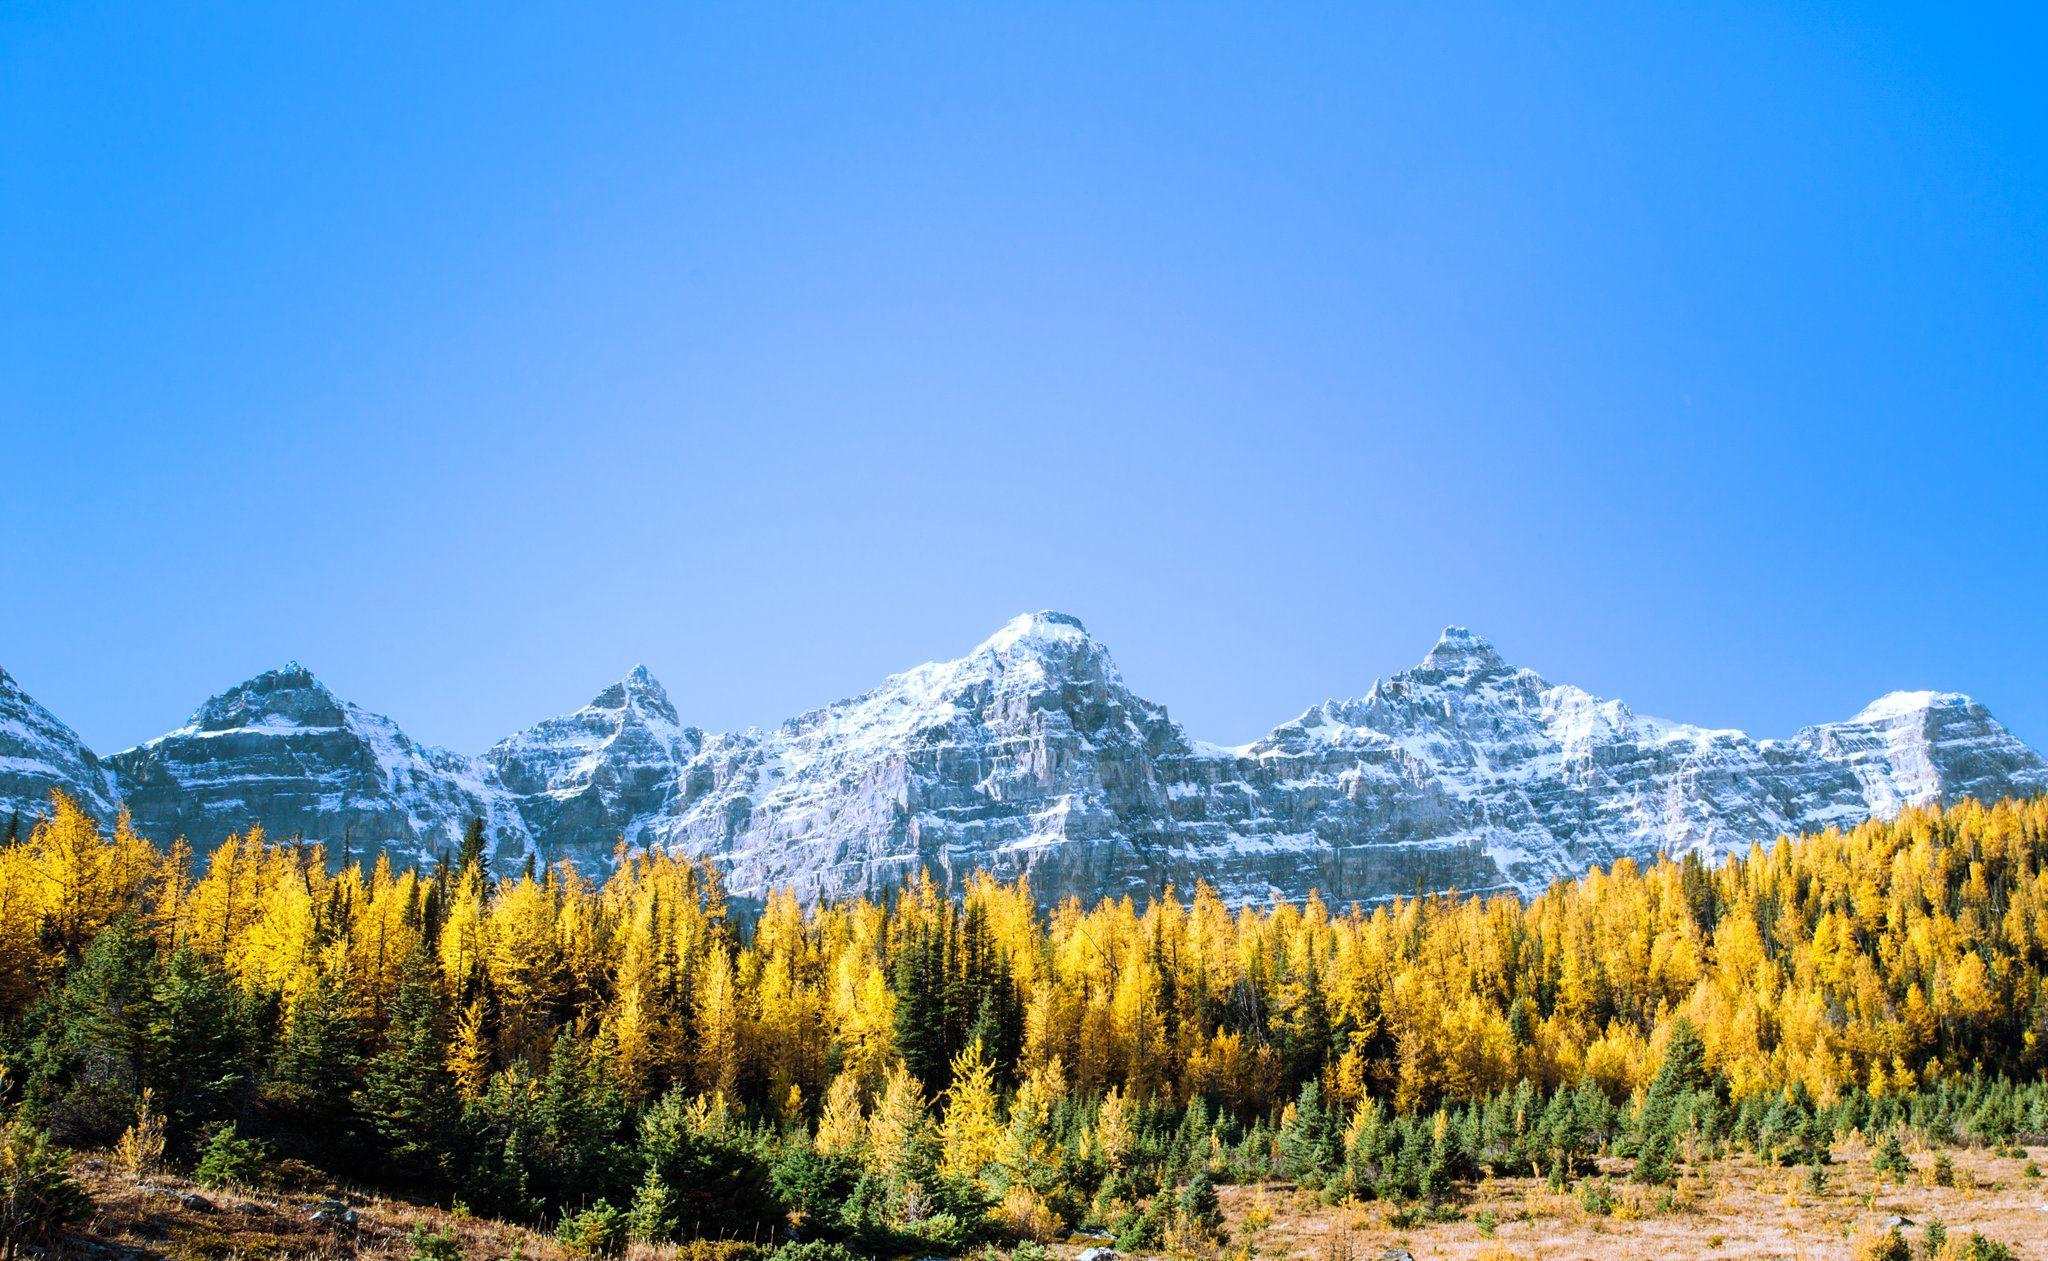 канада, альберта, банф, национальный парк, канадские скалистые горы, лиственница, десять вершин, горы, лес, золотой, желтый, природа, открытый, альпийский,canada, alberta, banff, national park, canadian rockies, larch, ten peaks, mountains, range, forest,, Марко Радовановић